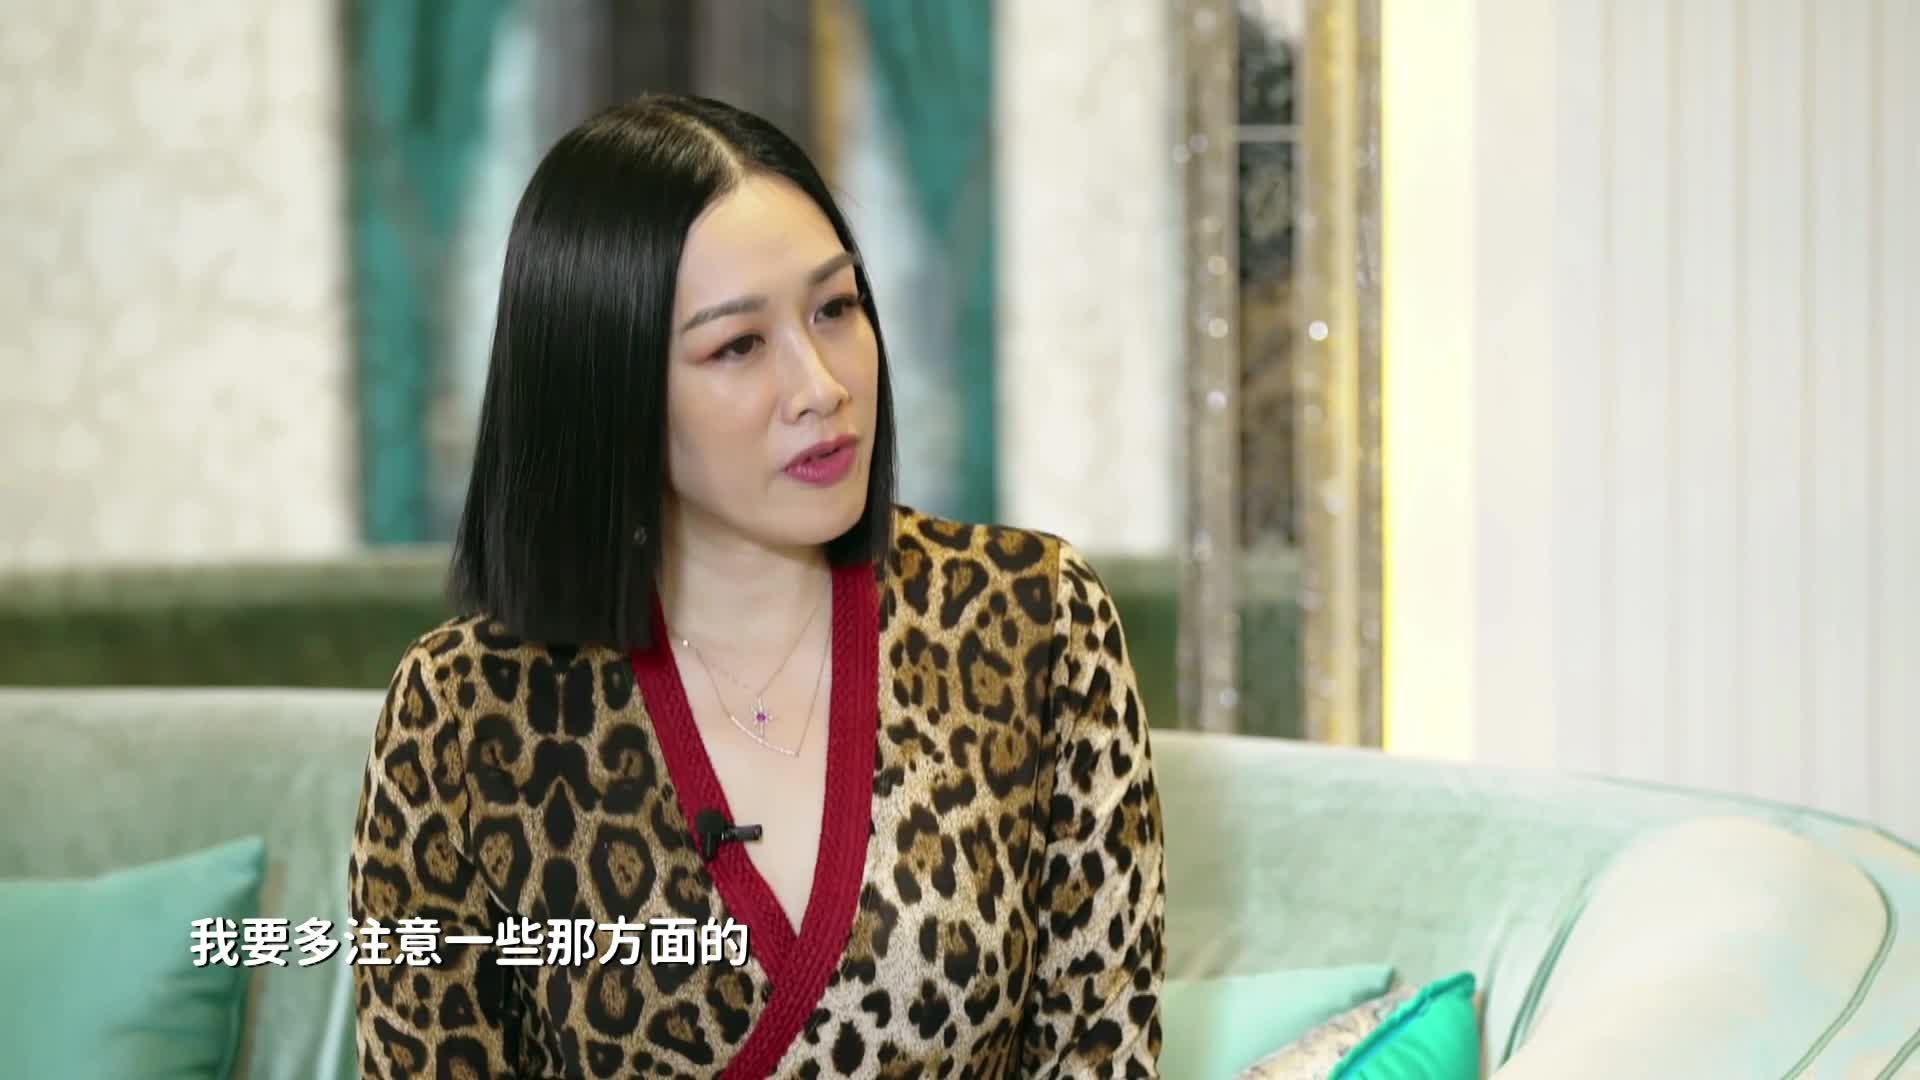 《这局有料儿》张伦硕吃软饭贪女方名气?钟丽缇直面回应质疑